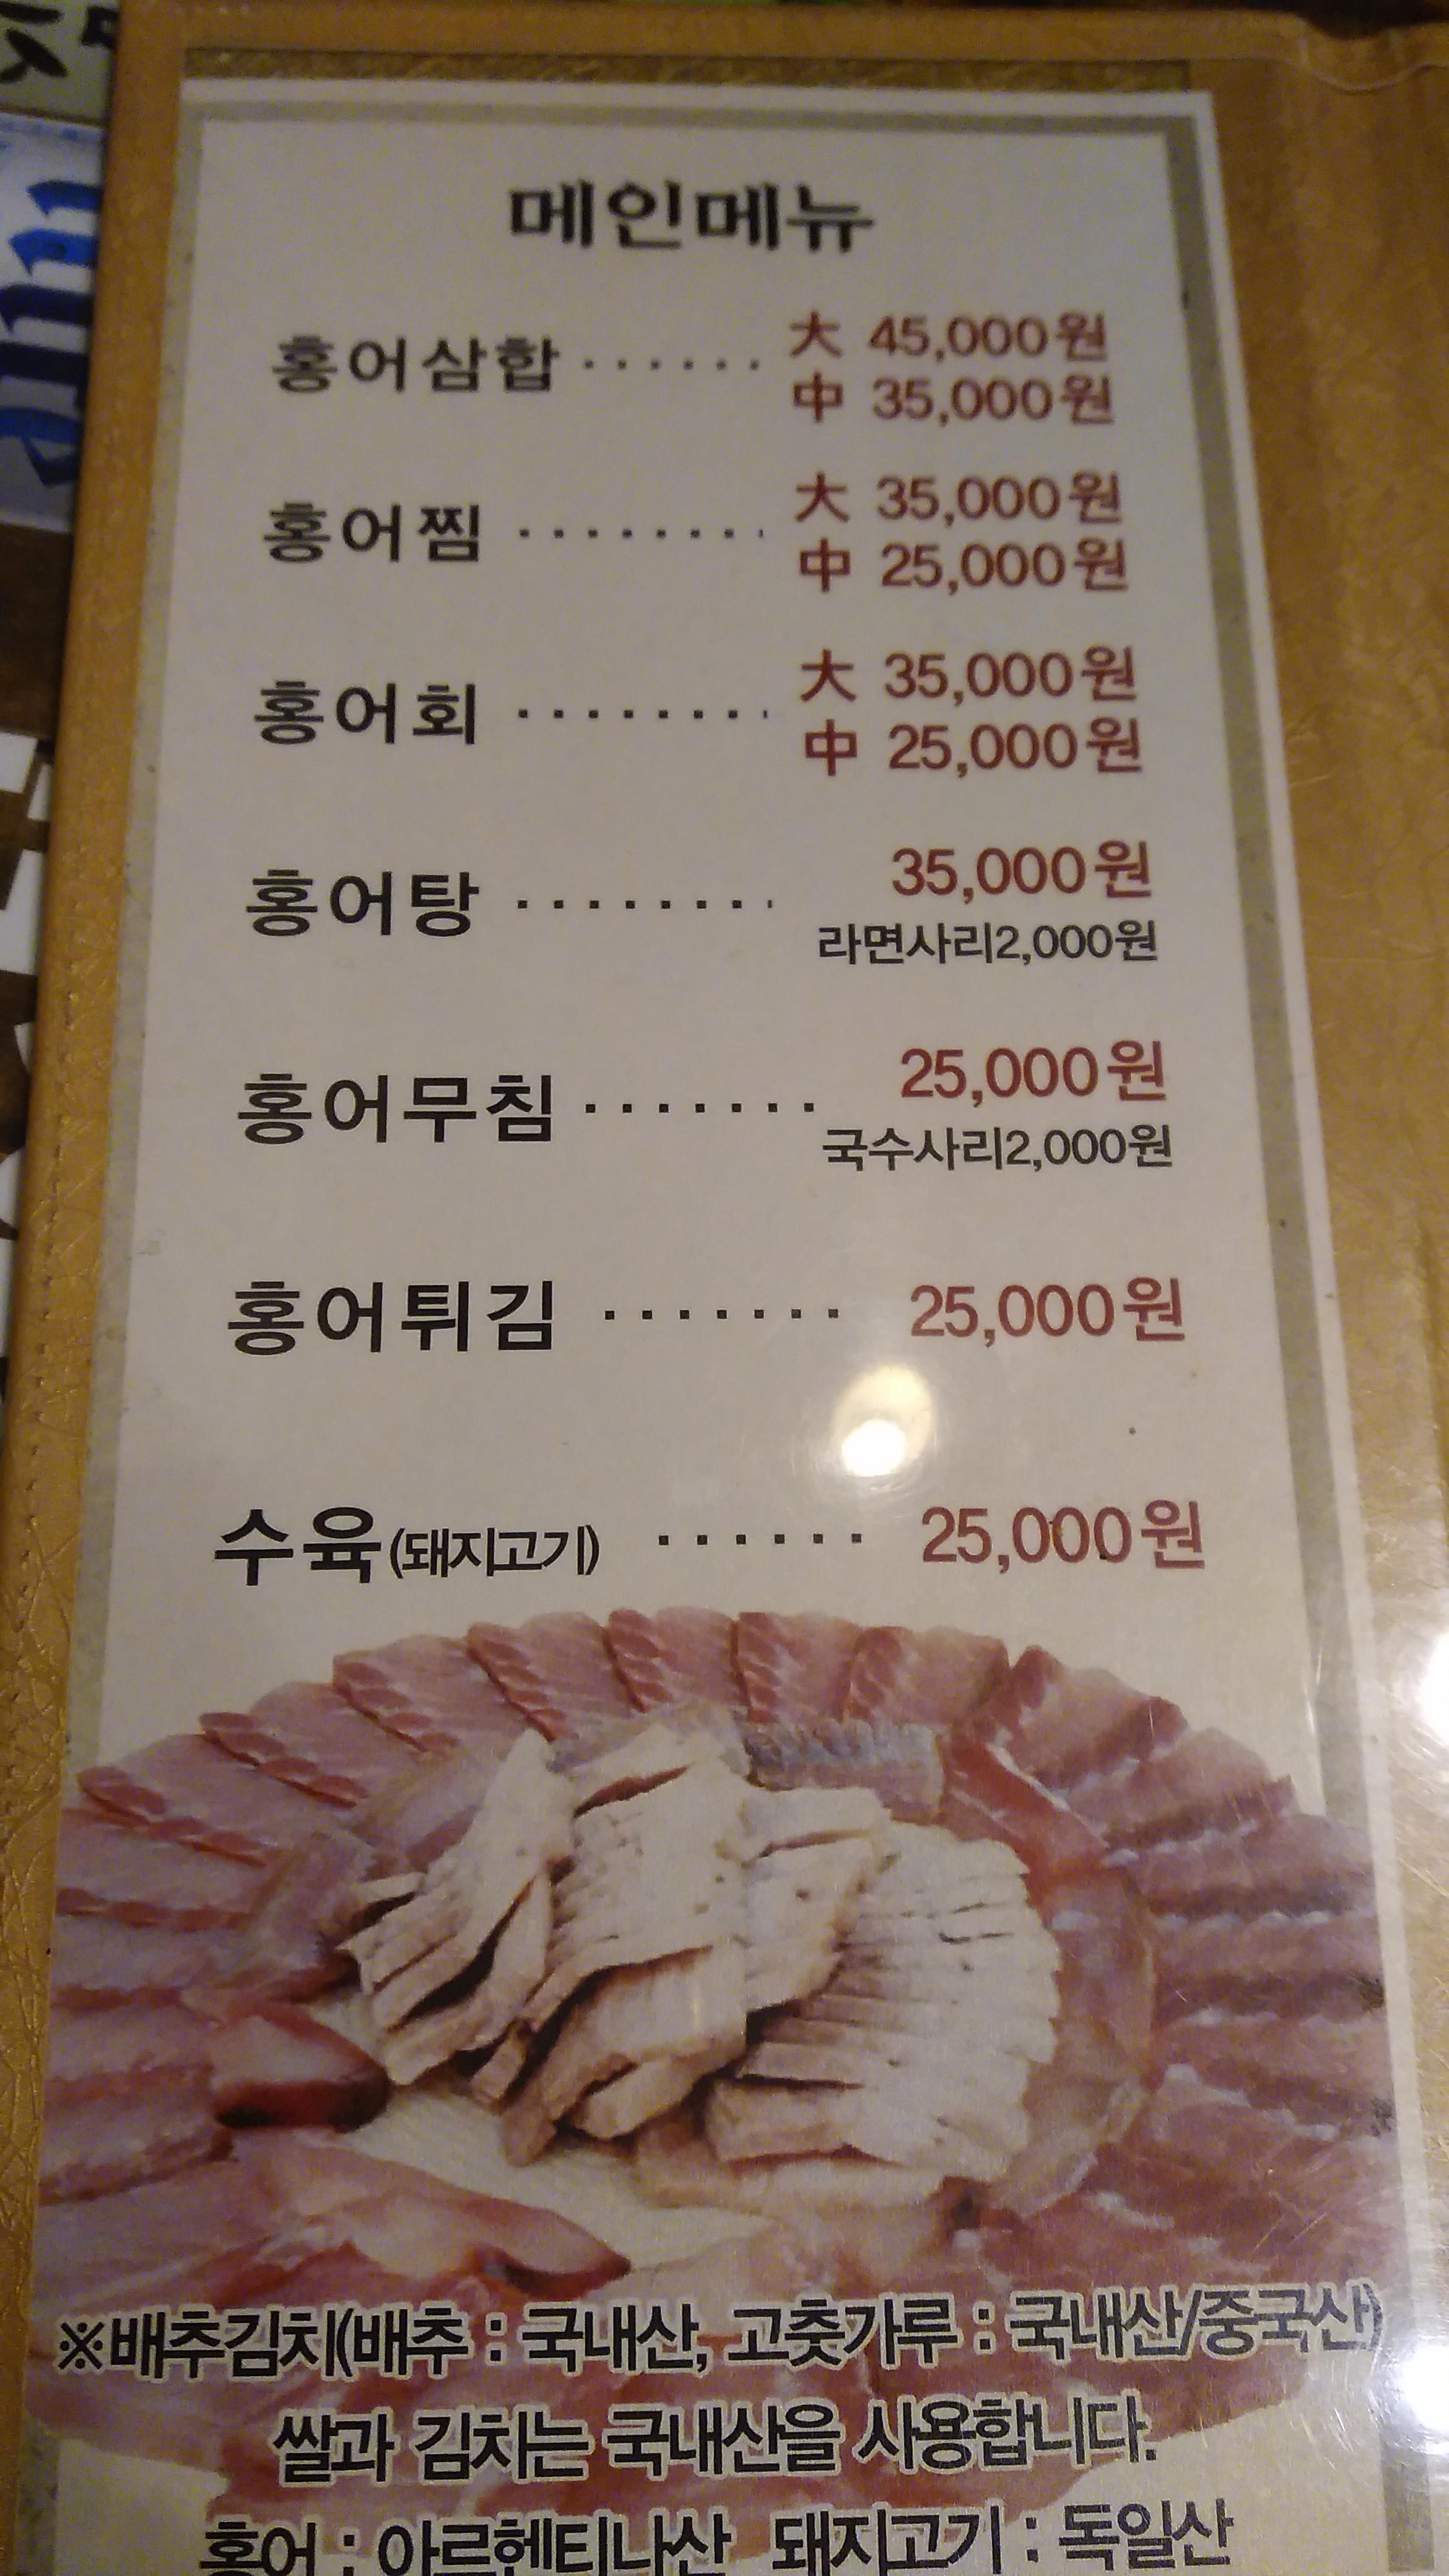 신안 홍어 메뉴판